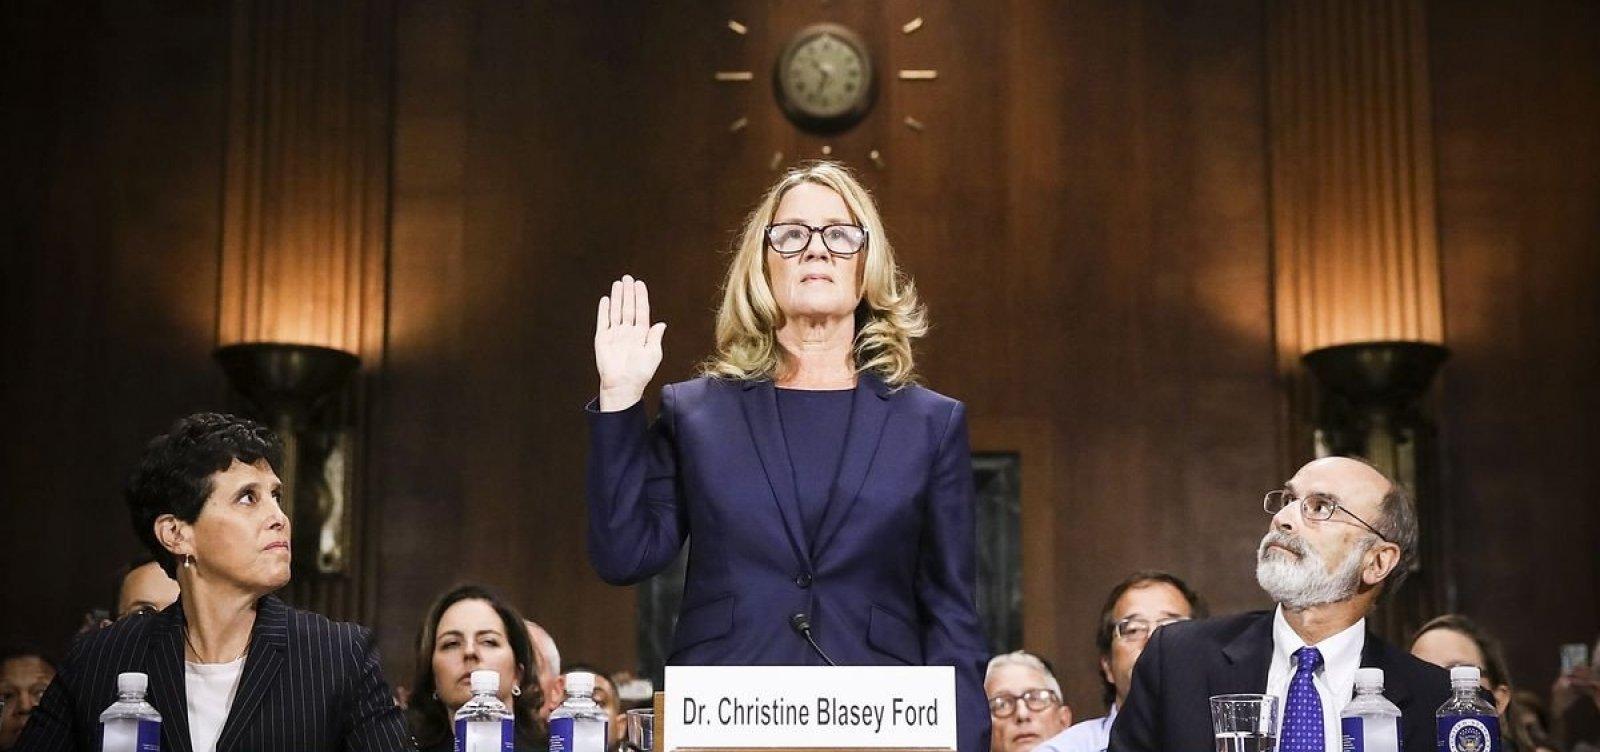 Professora relata no Senado dos EUA assédio de indicado à Suprema Corte; juiz nega